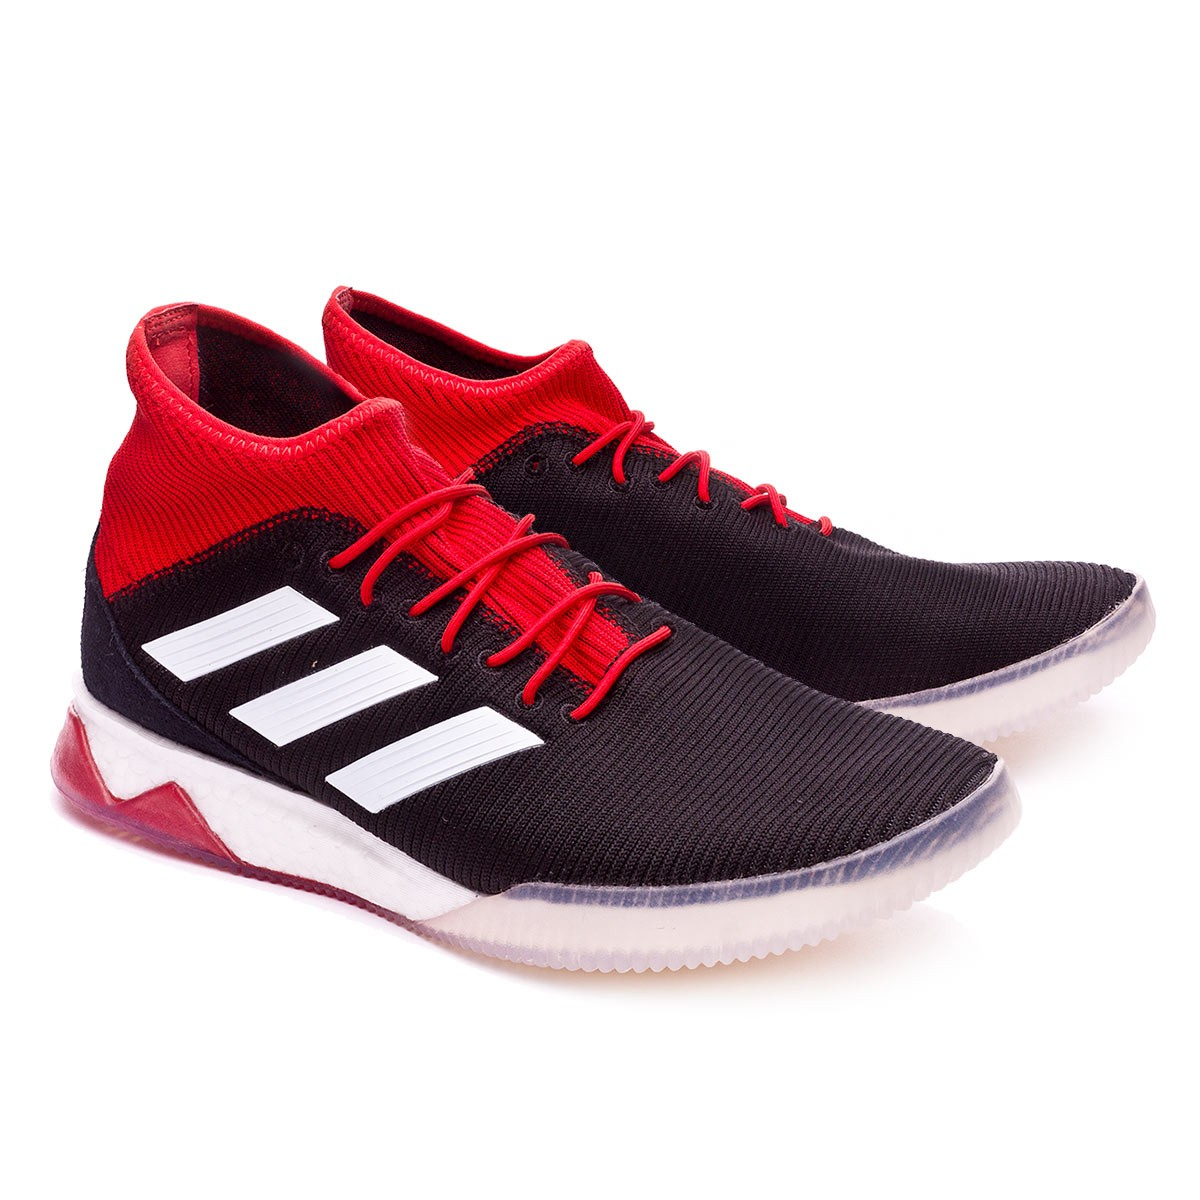 7f760abbb3c adidas Predator Tango 18.1 TR Trainers. Core black-White-Red ...